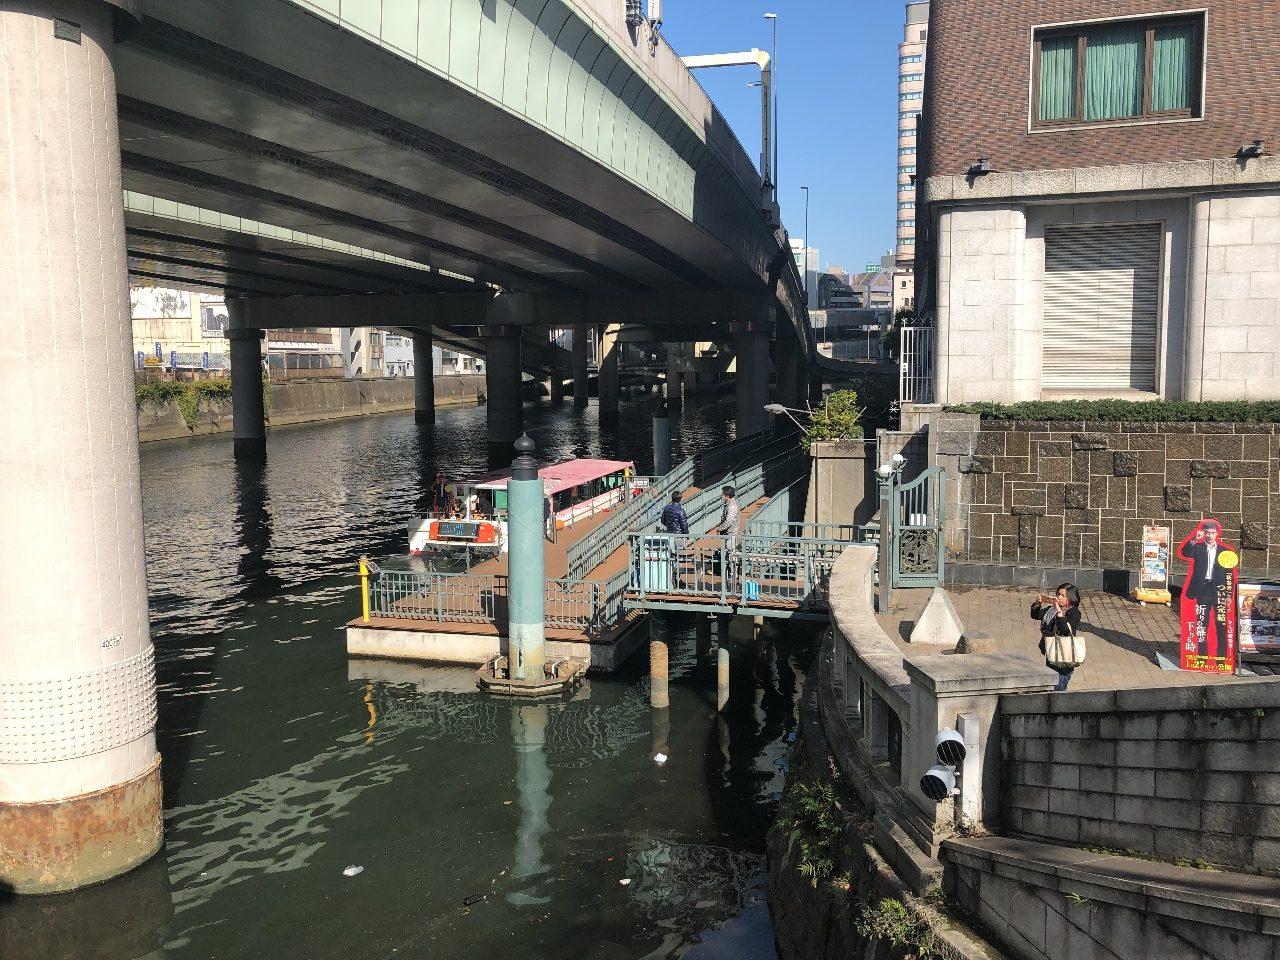 開放感抜群のオープン船で行く日本橋東京の川を知る楽しさ満載のお気軽プラン「日本橋クルーズ45分」 お値段 1500円